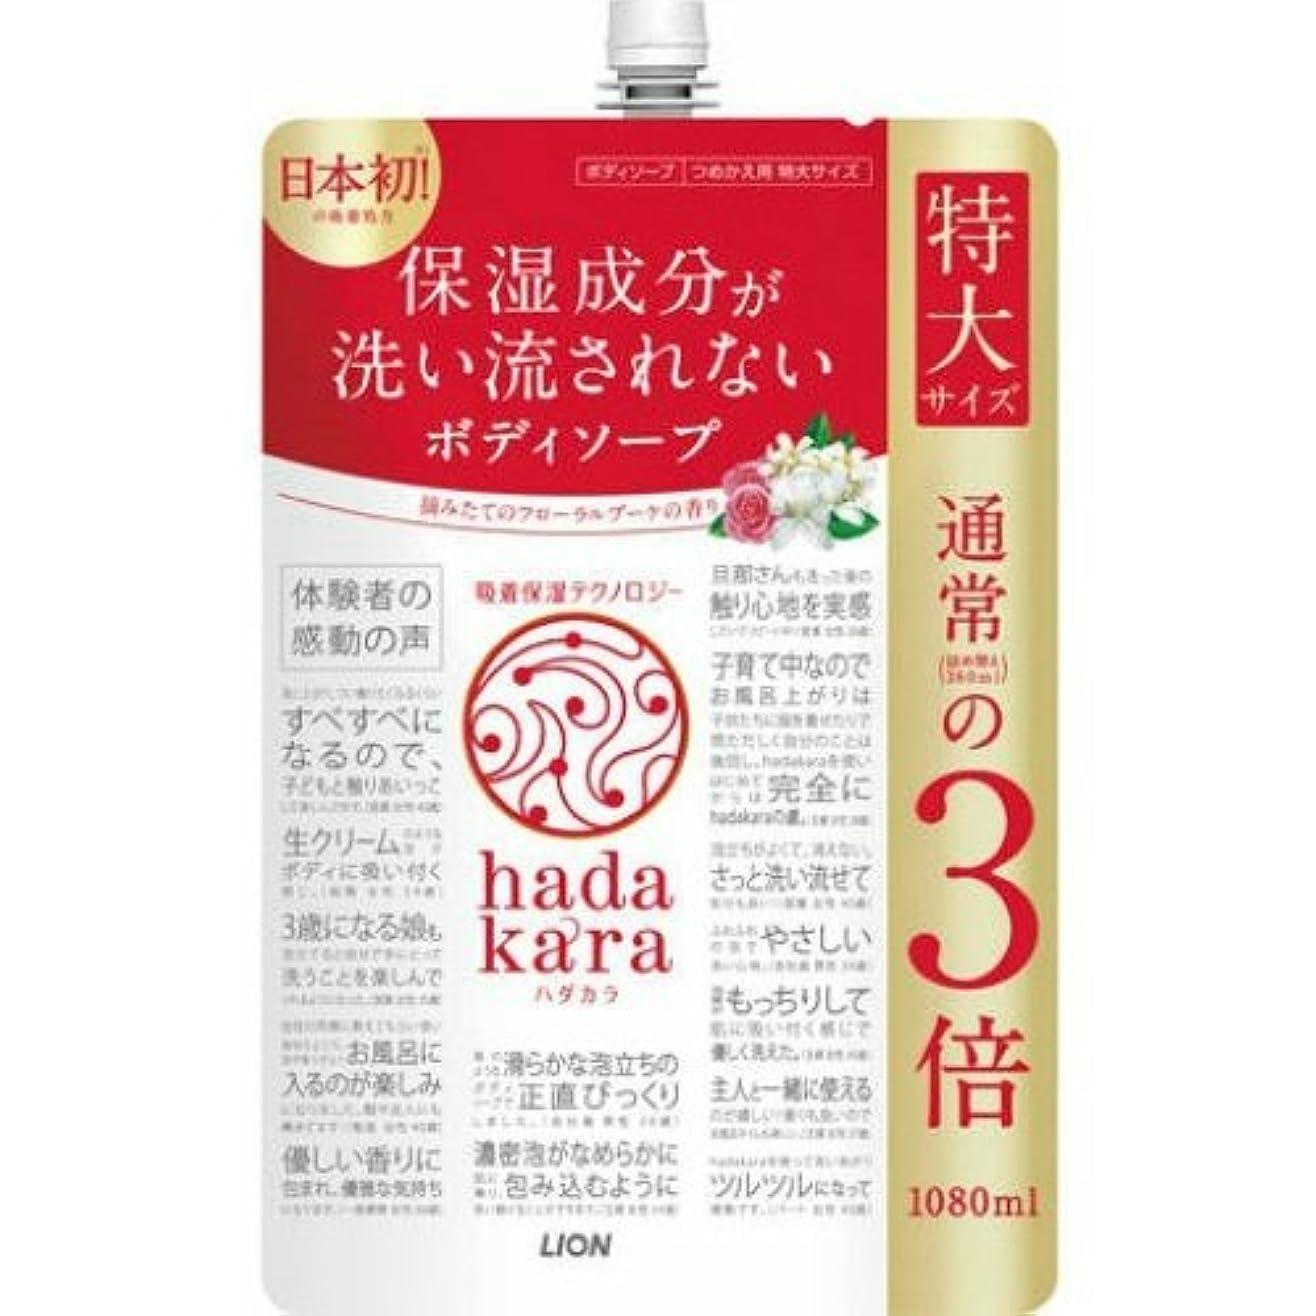 すり減るかもめ吸収するLION ライオン hadakara ハダカラ ボディソープ フローラルブーケの香り つめかえ用 特大サイズ 1080ml ×3点セット(4903301260875)